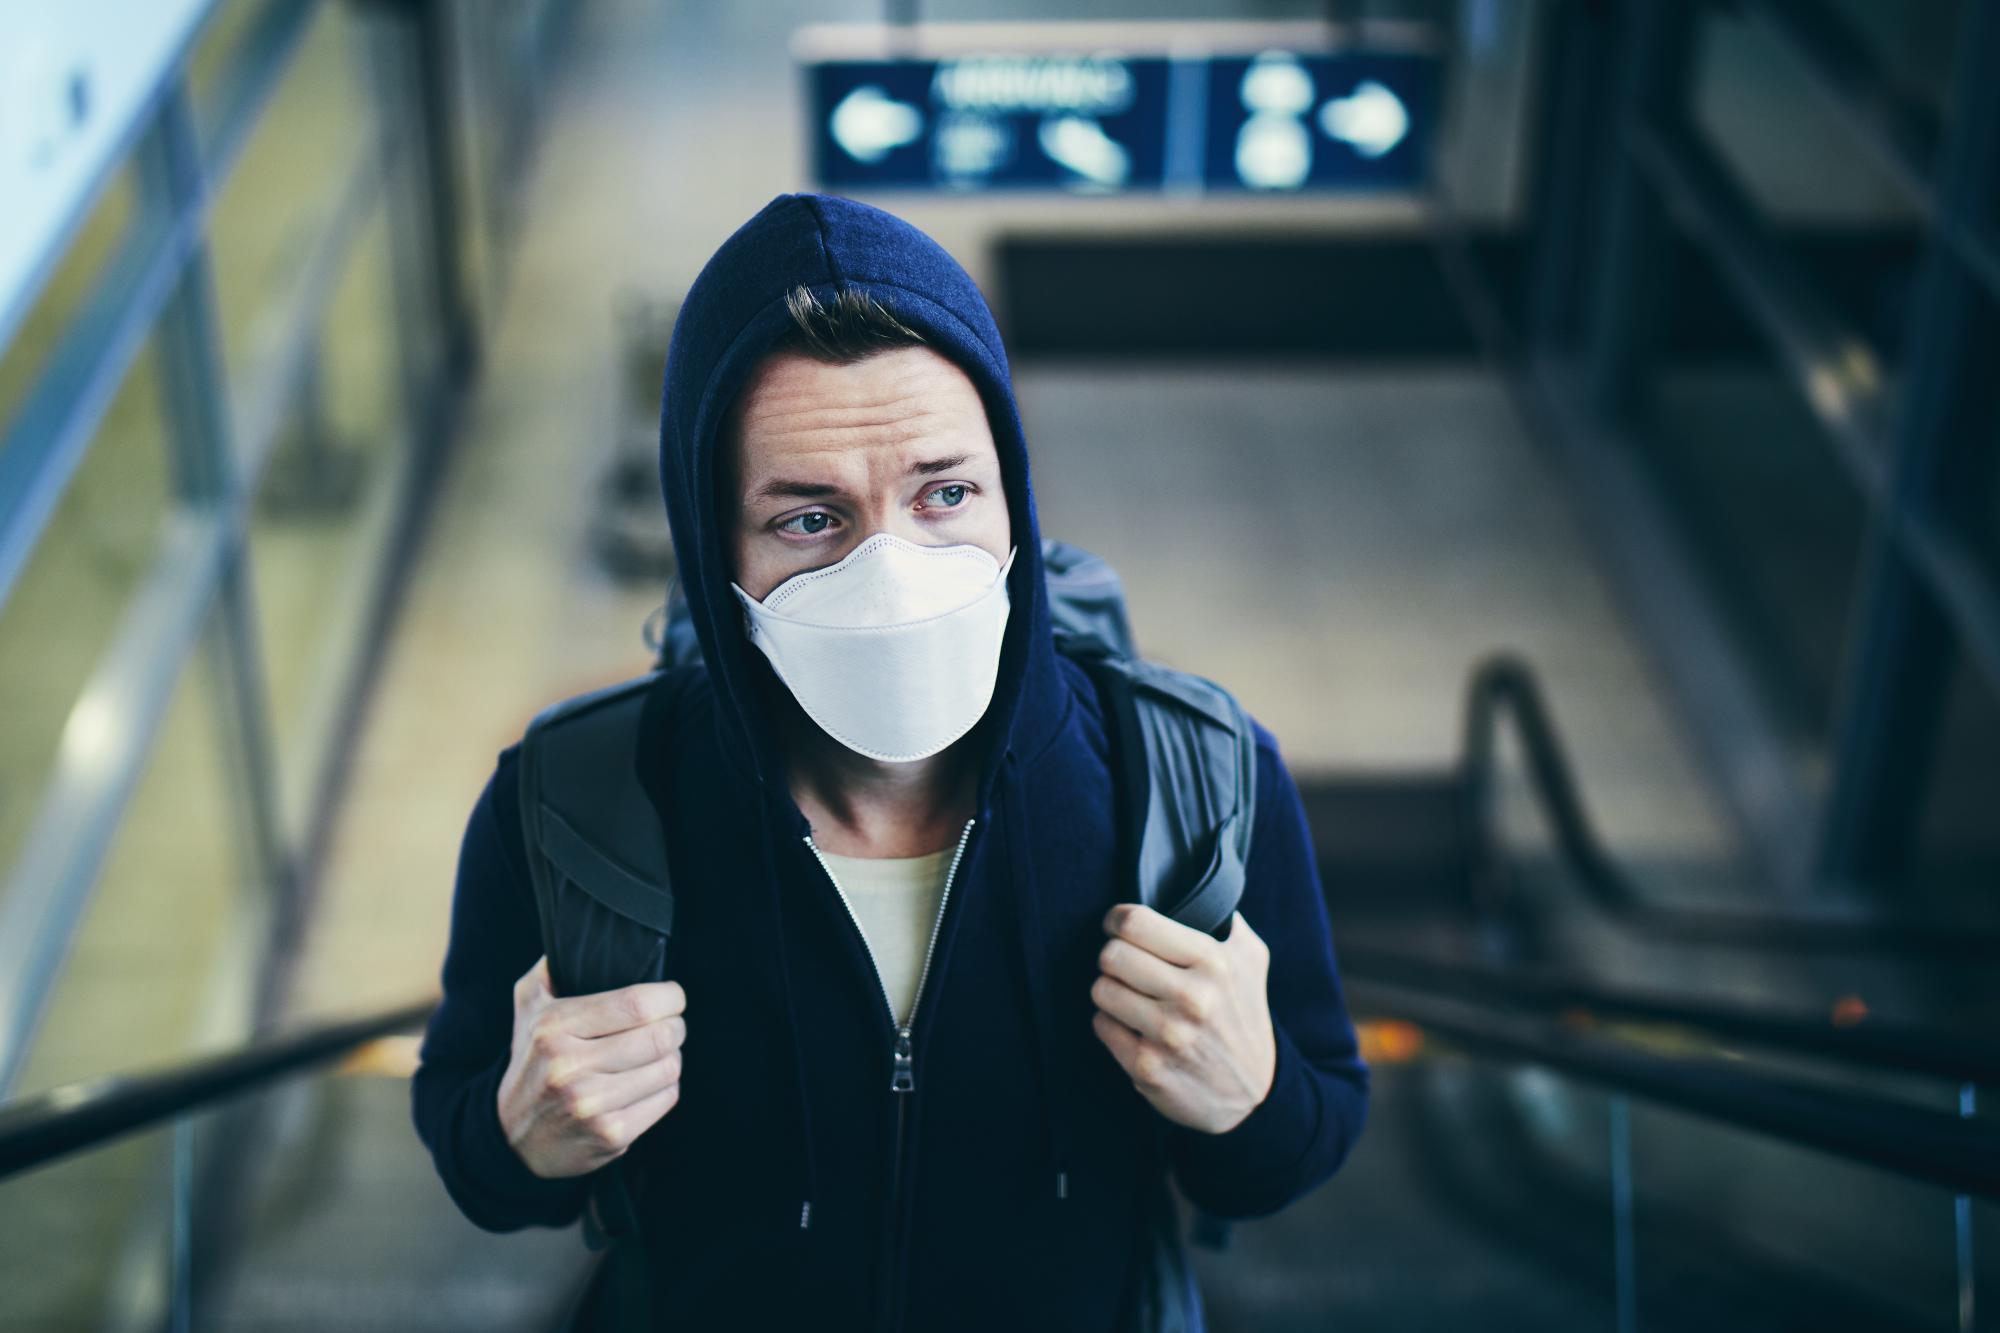 Роспотребнадзор разъяснил правомерность недопуска покупателей без масок и перчаток в магазины